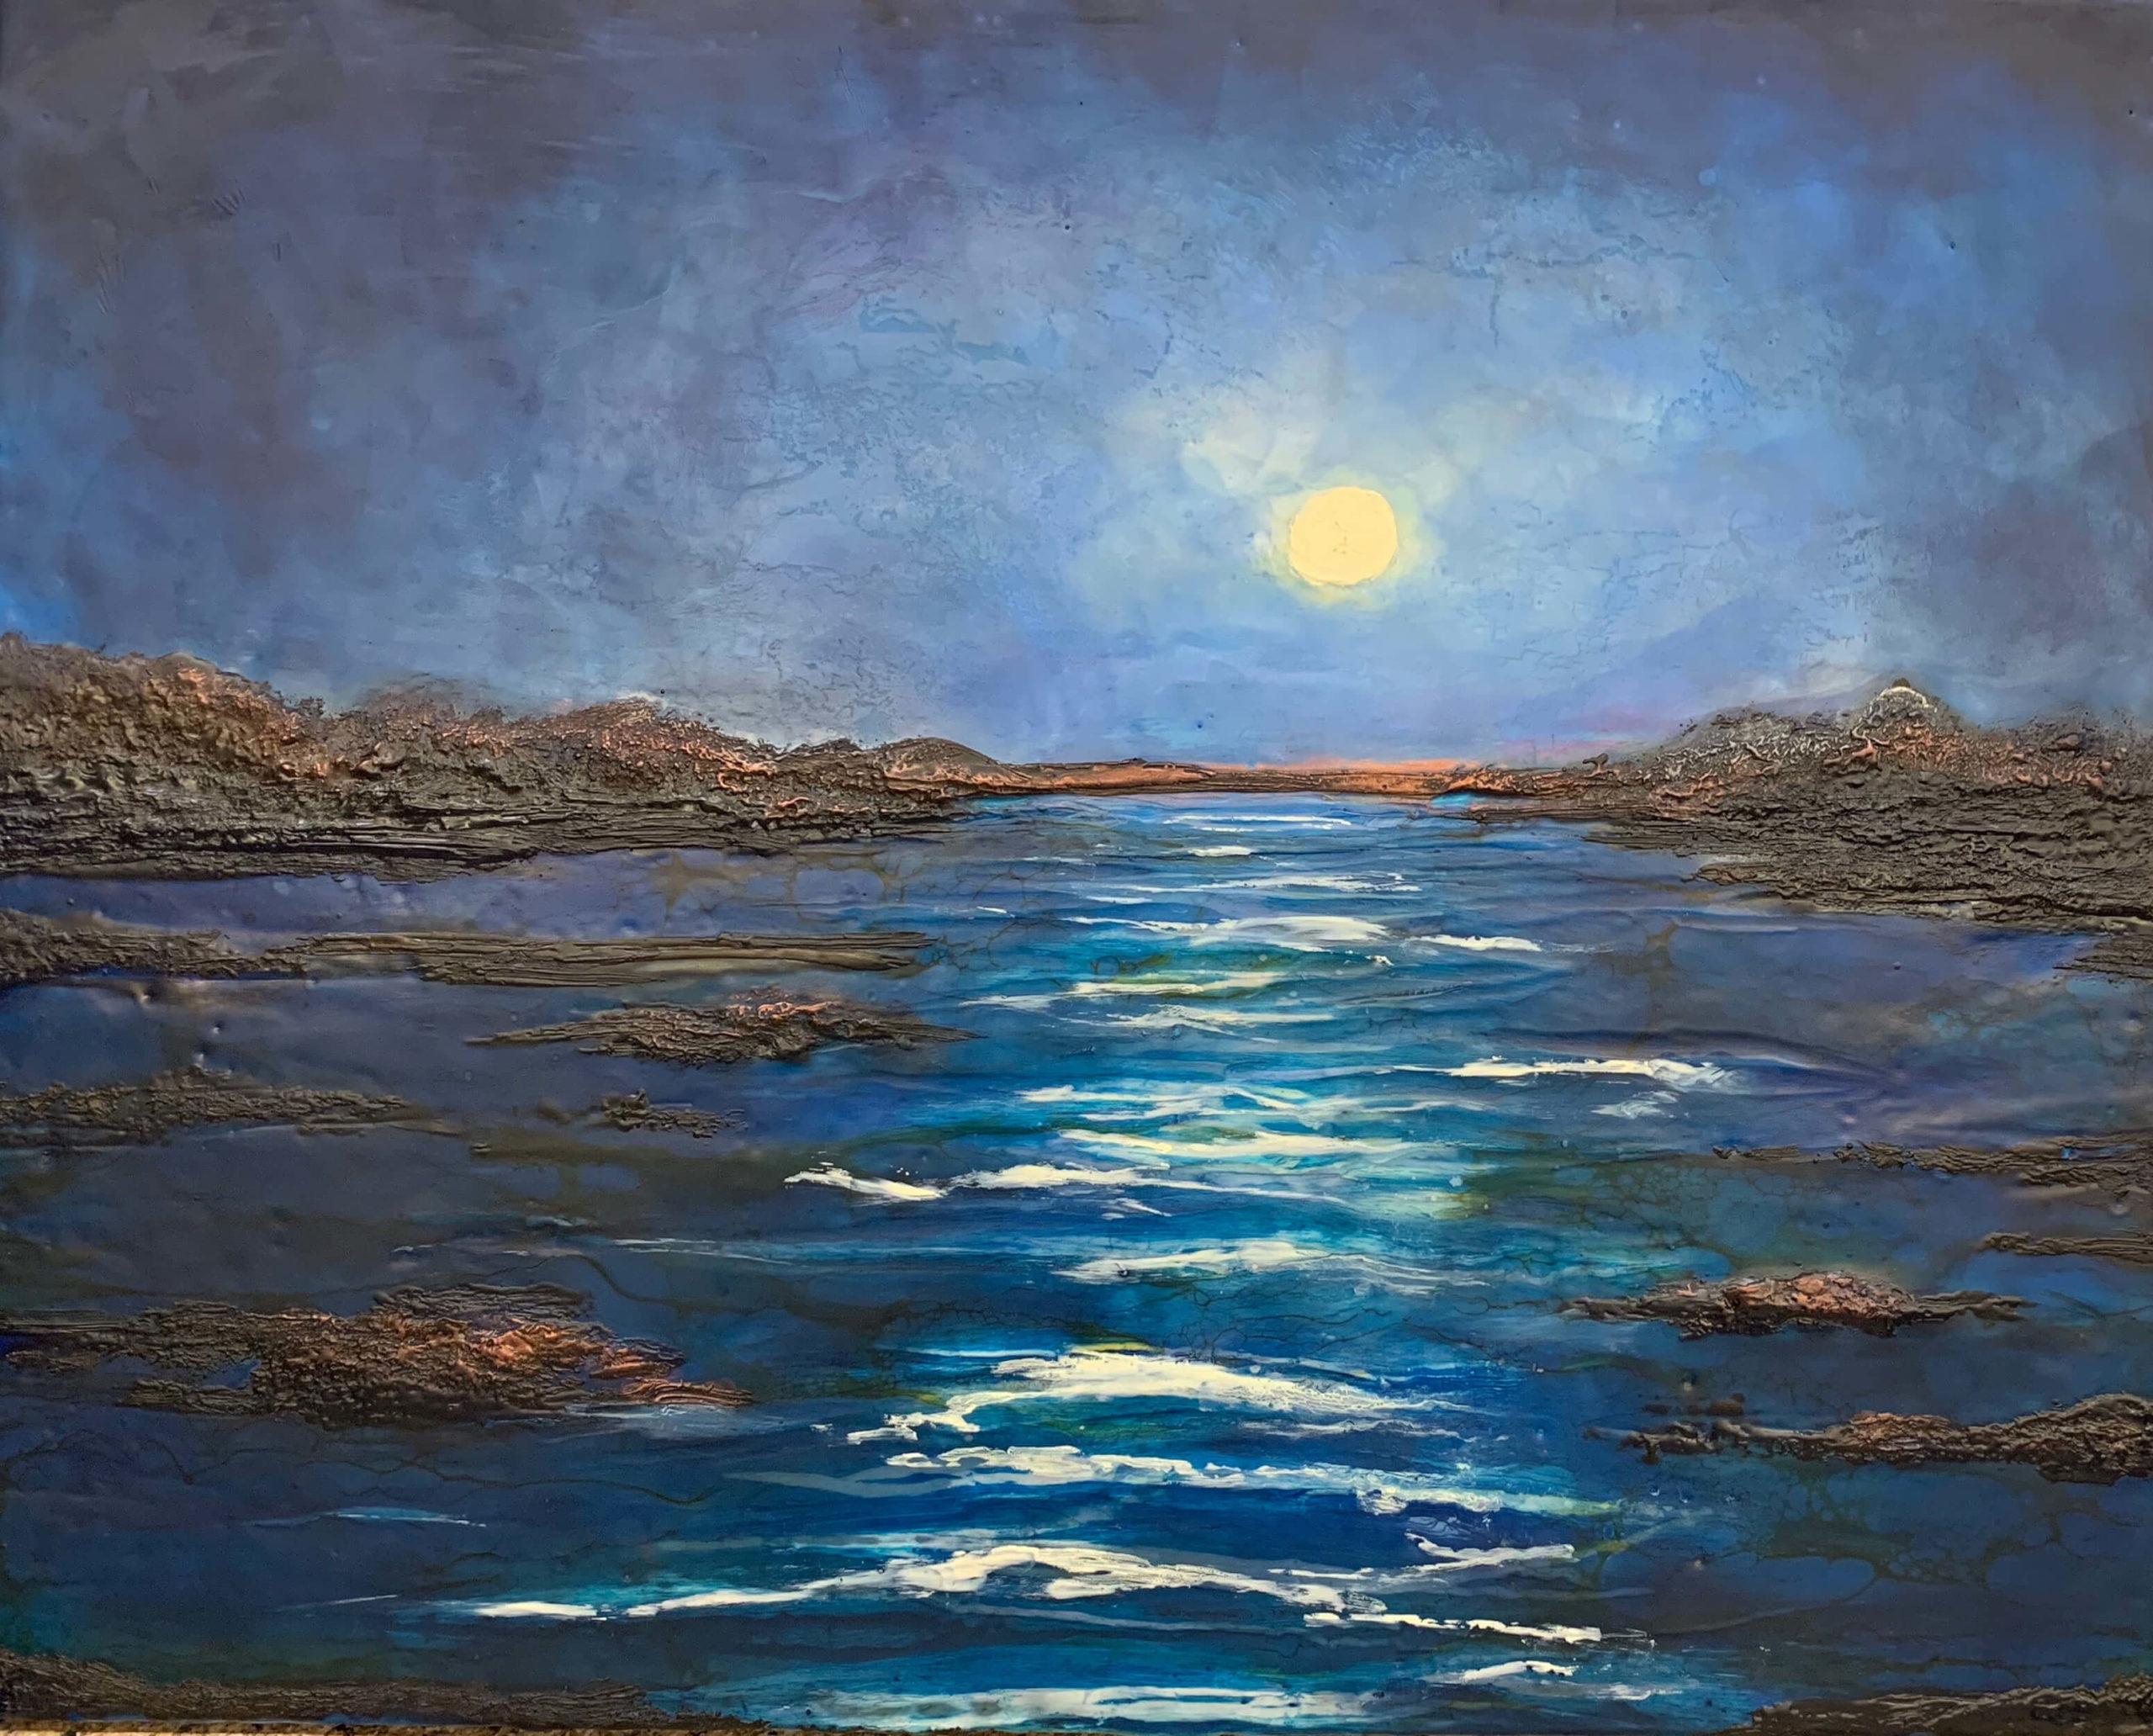 Bev Goldie - Moonlit Cove